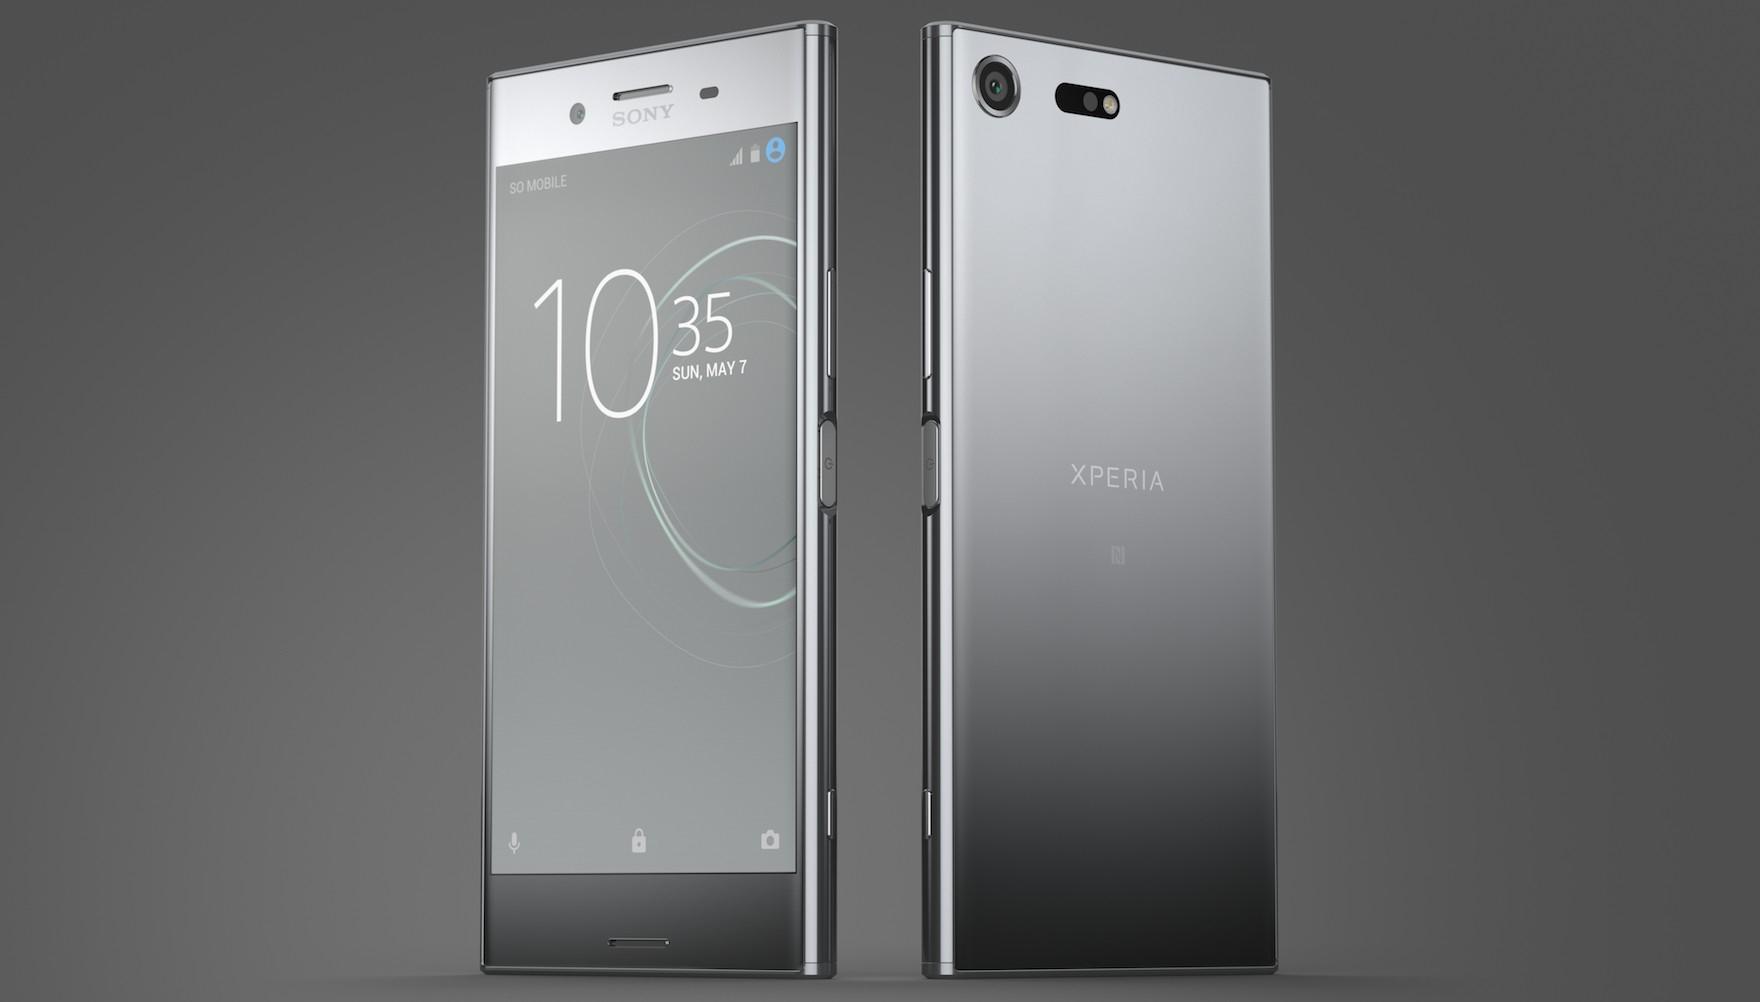 三星S8/米6/索尼XZP性能对比 最强骁龙835是谁